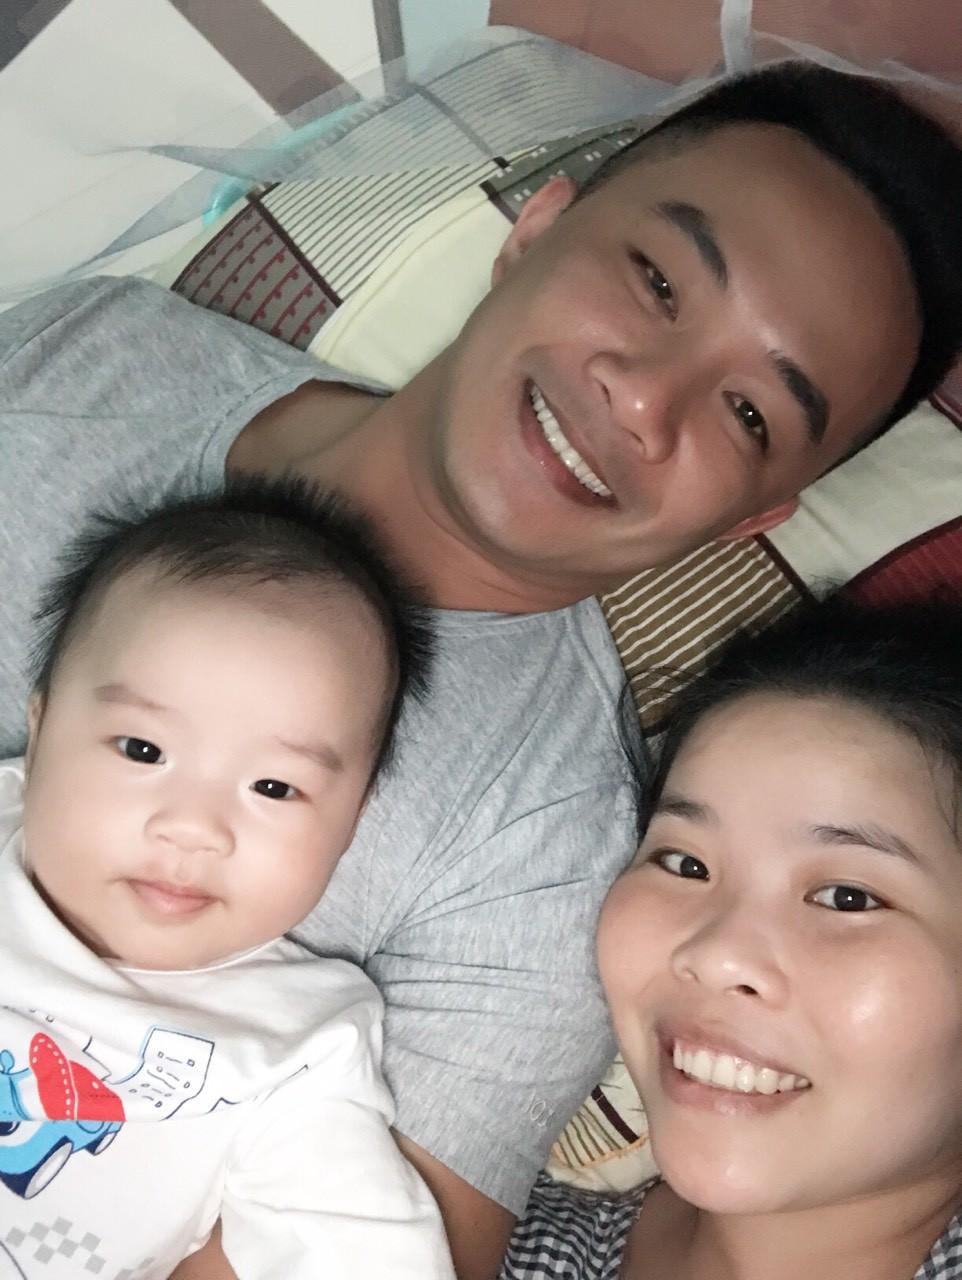 7 năm mong con, 2 lần thụ tinh nhân tạo thất bại nhưng cuối cùng bà mẹ này lại hạnh phúc tột bậc khi mang thai tự nhiên - Ảnh 3.